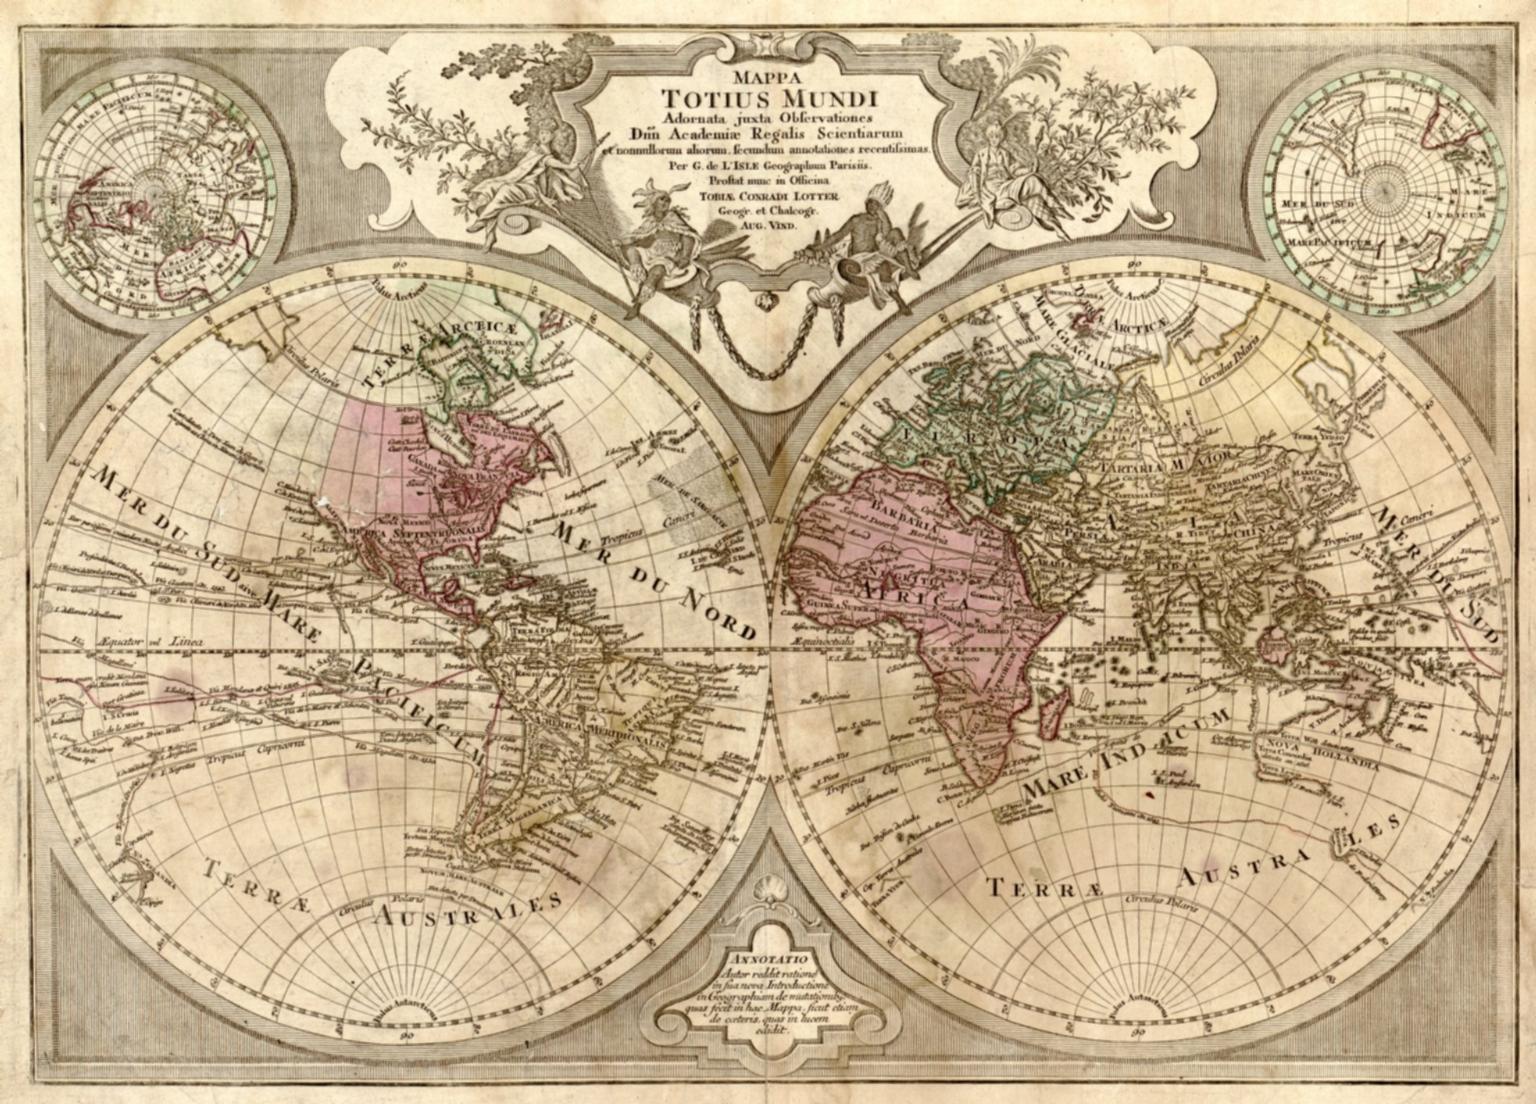 Mappa totius mundi : adornata juxta observationes dnn. academiae regalis scientiarum et nonnullorum aliorum secundum annotationes recentissimas